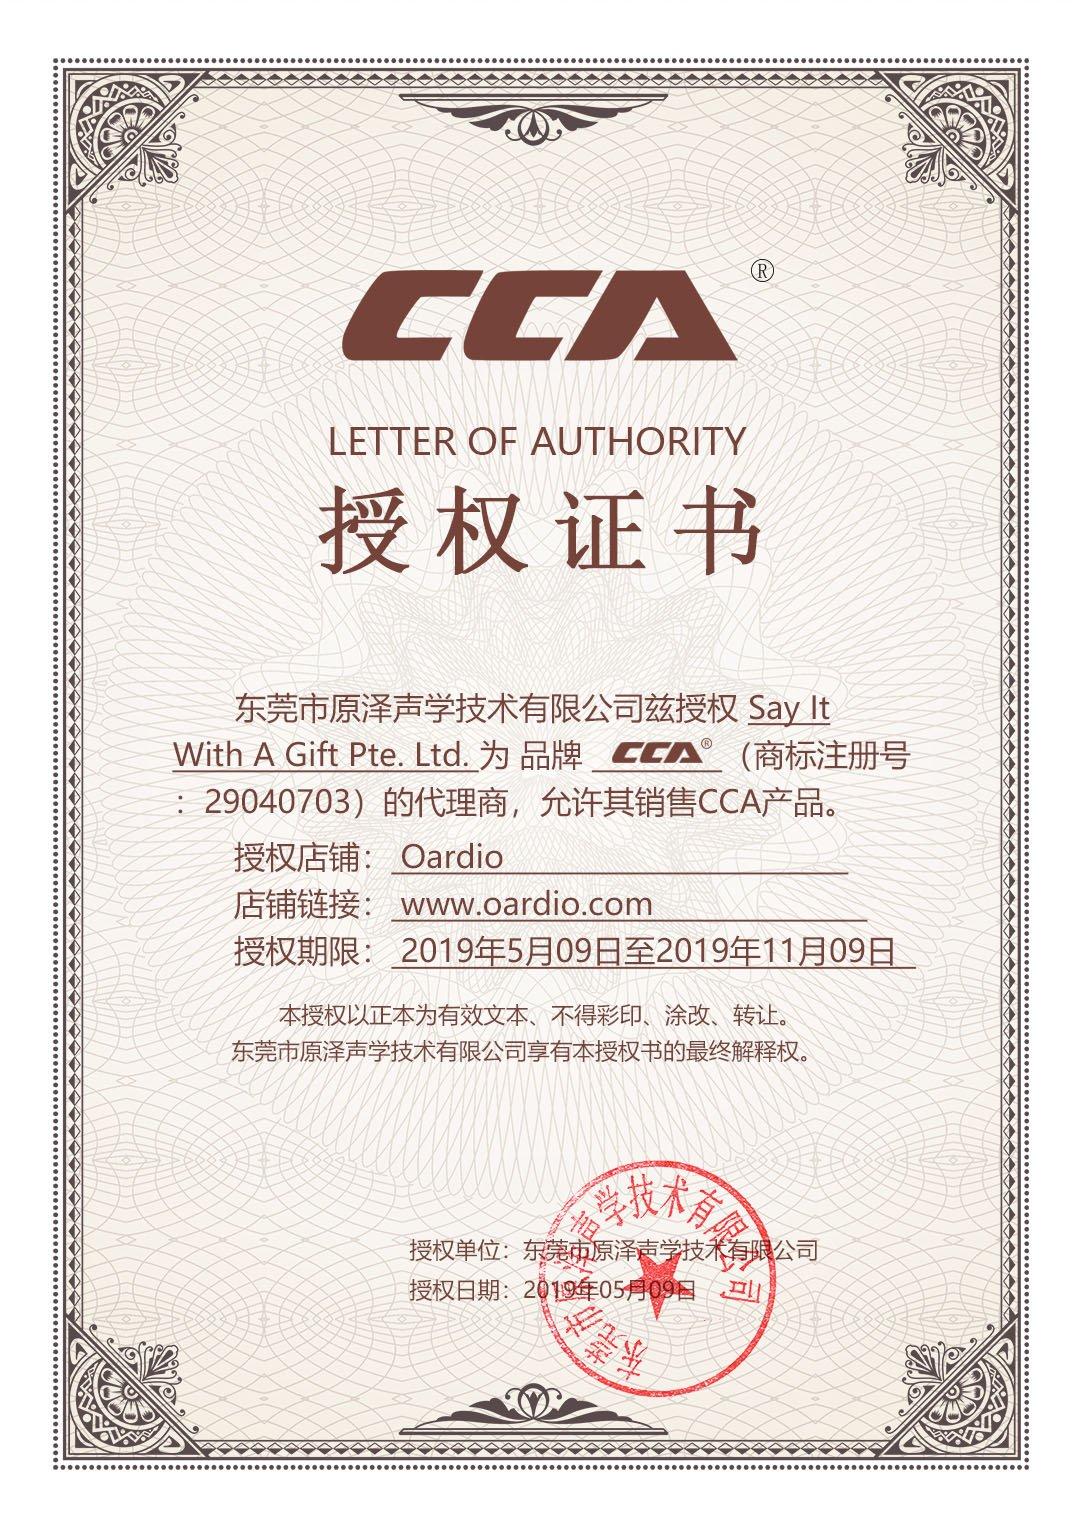 CCA Oardio Authorized Agent Certificate